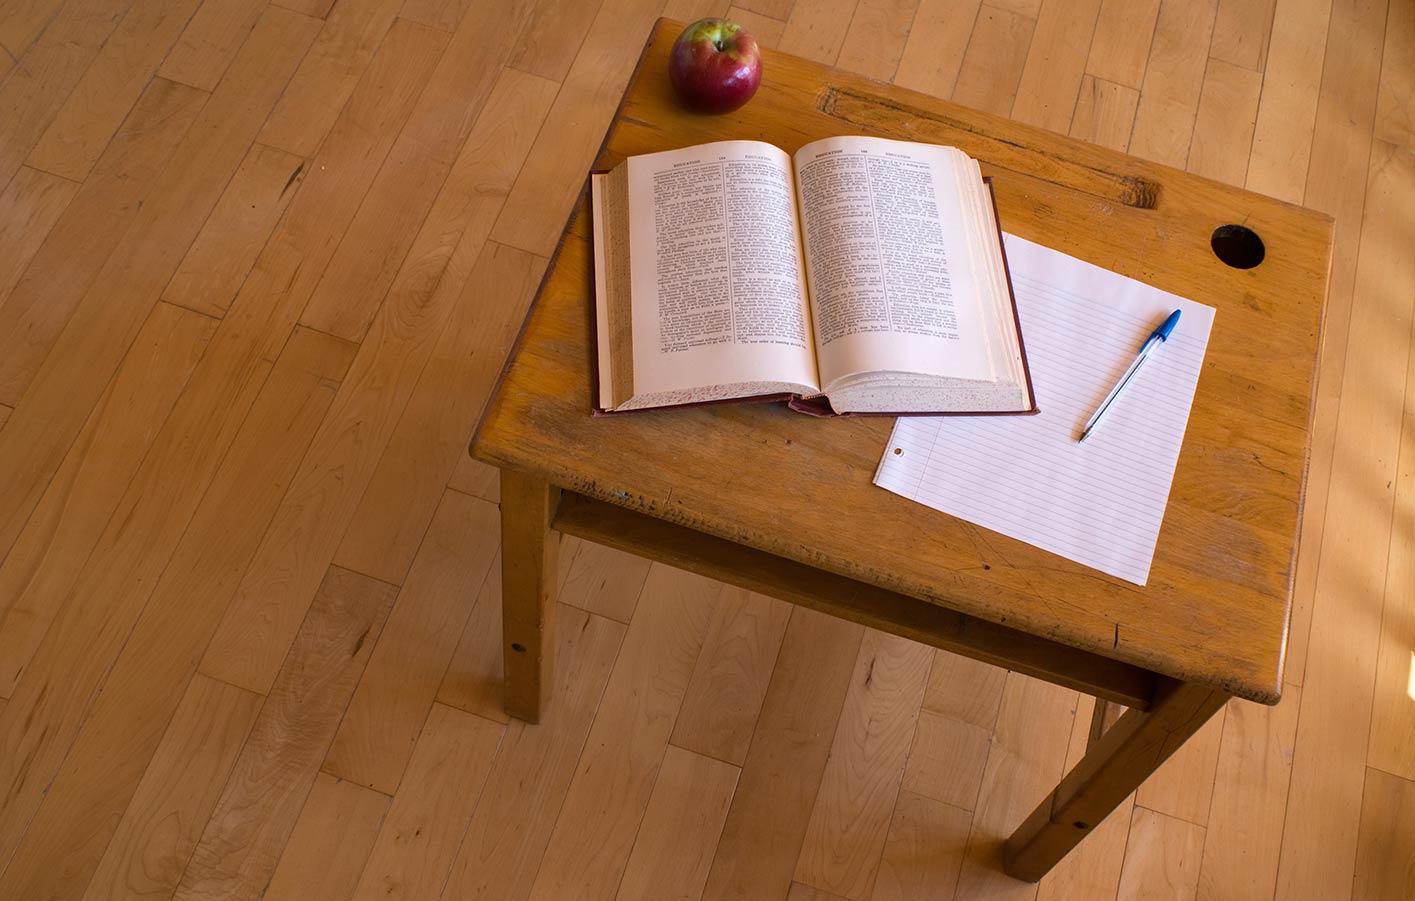 kinderzimmer kork laminat f r kinderzimmer kork laminat. Black Bedroom Furniture Sets. Home Design Ideas